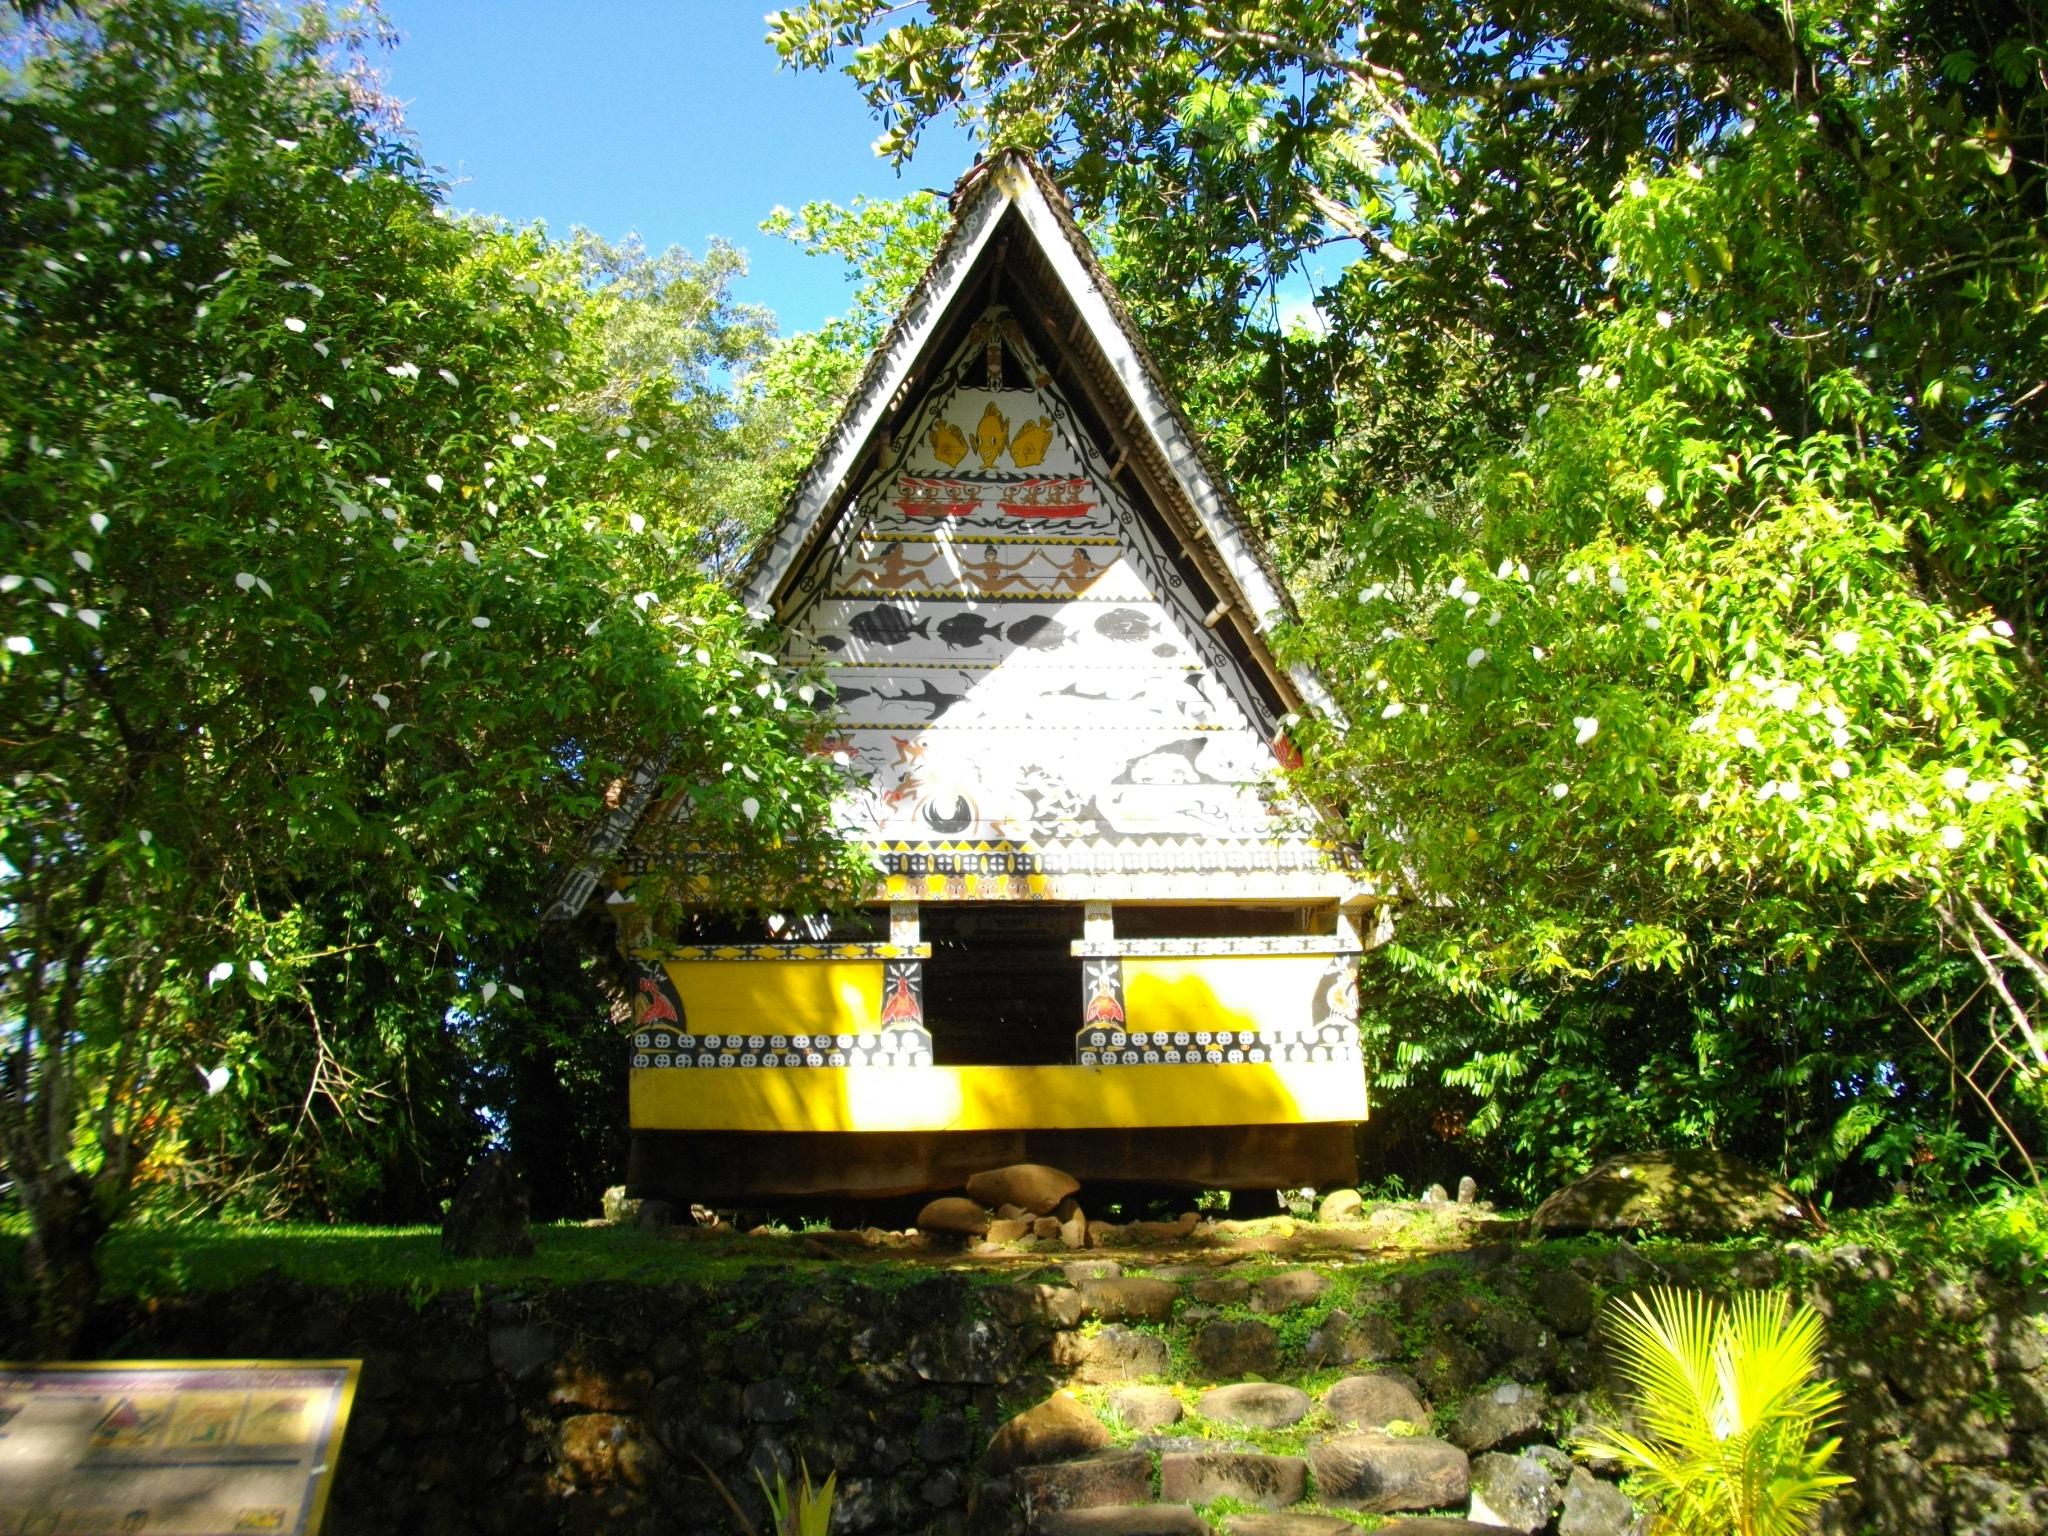 Palau election